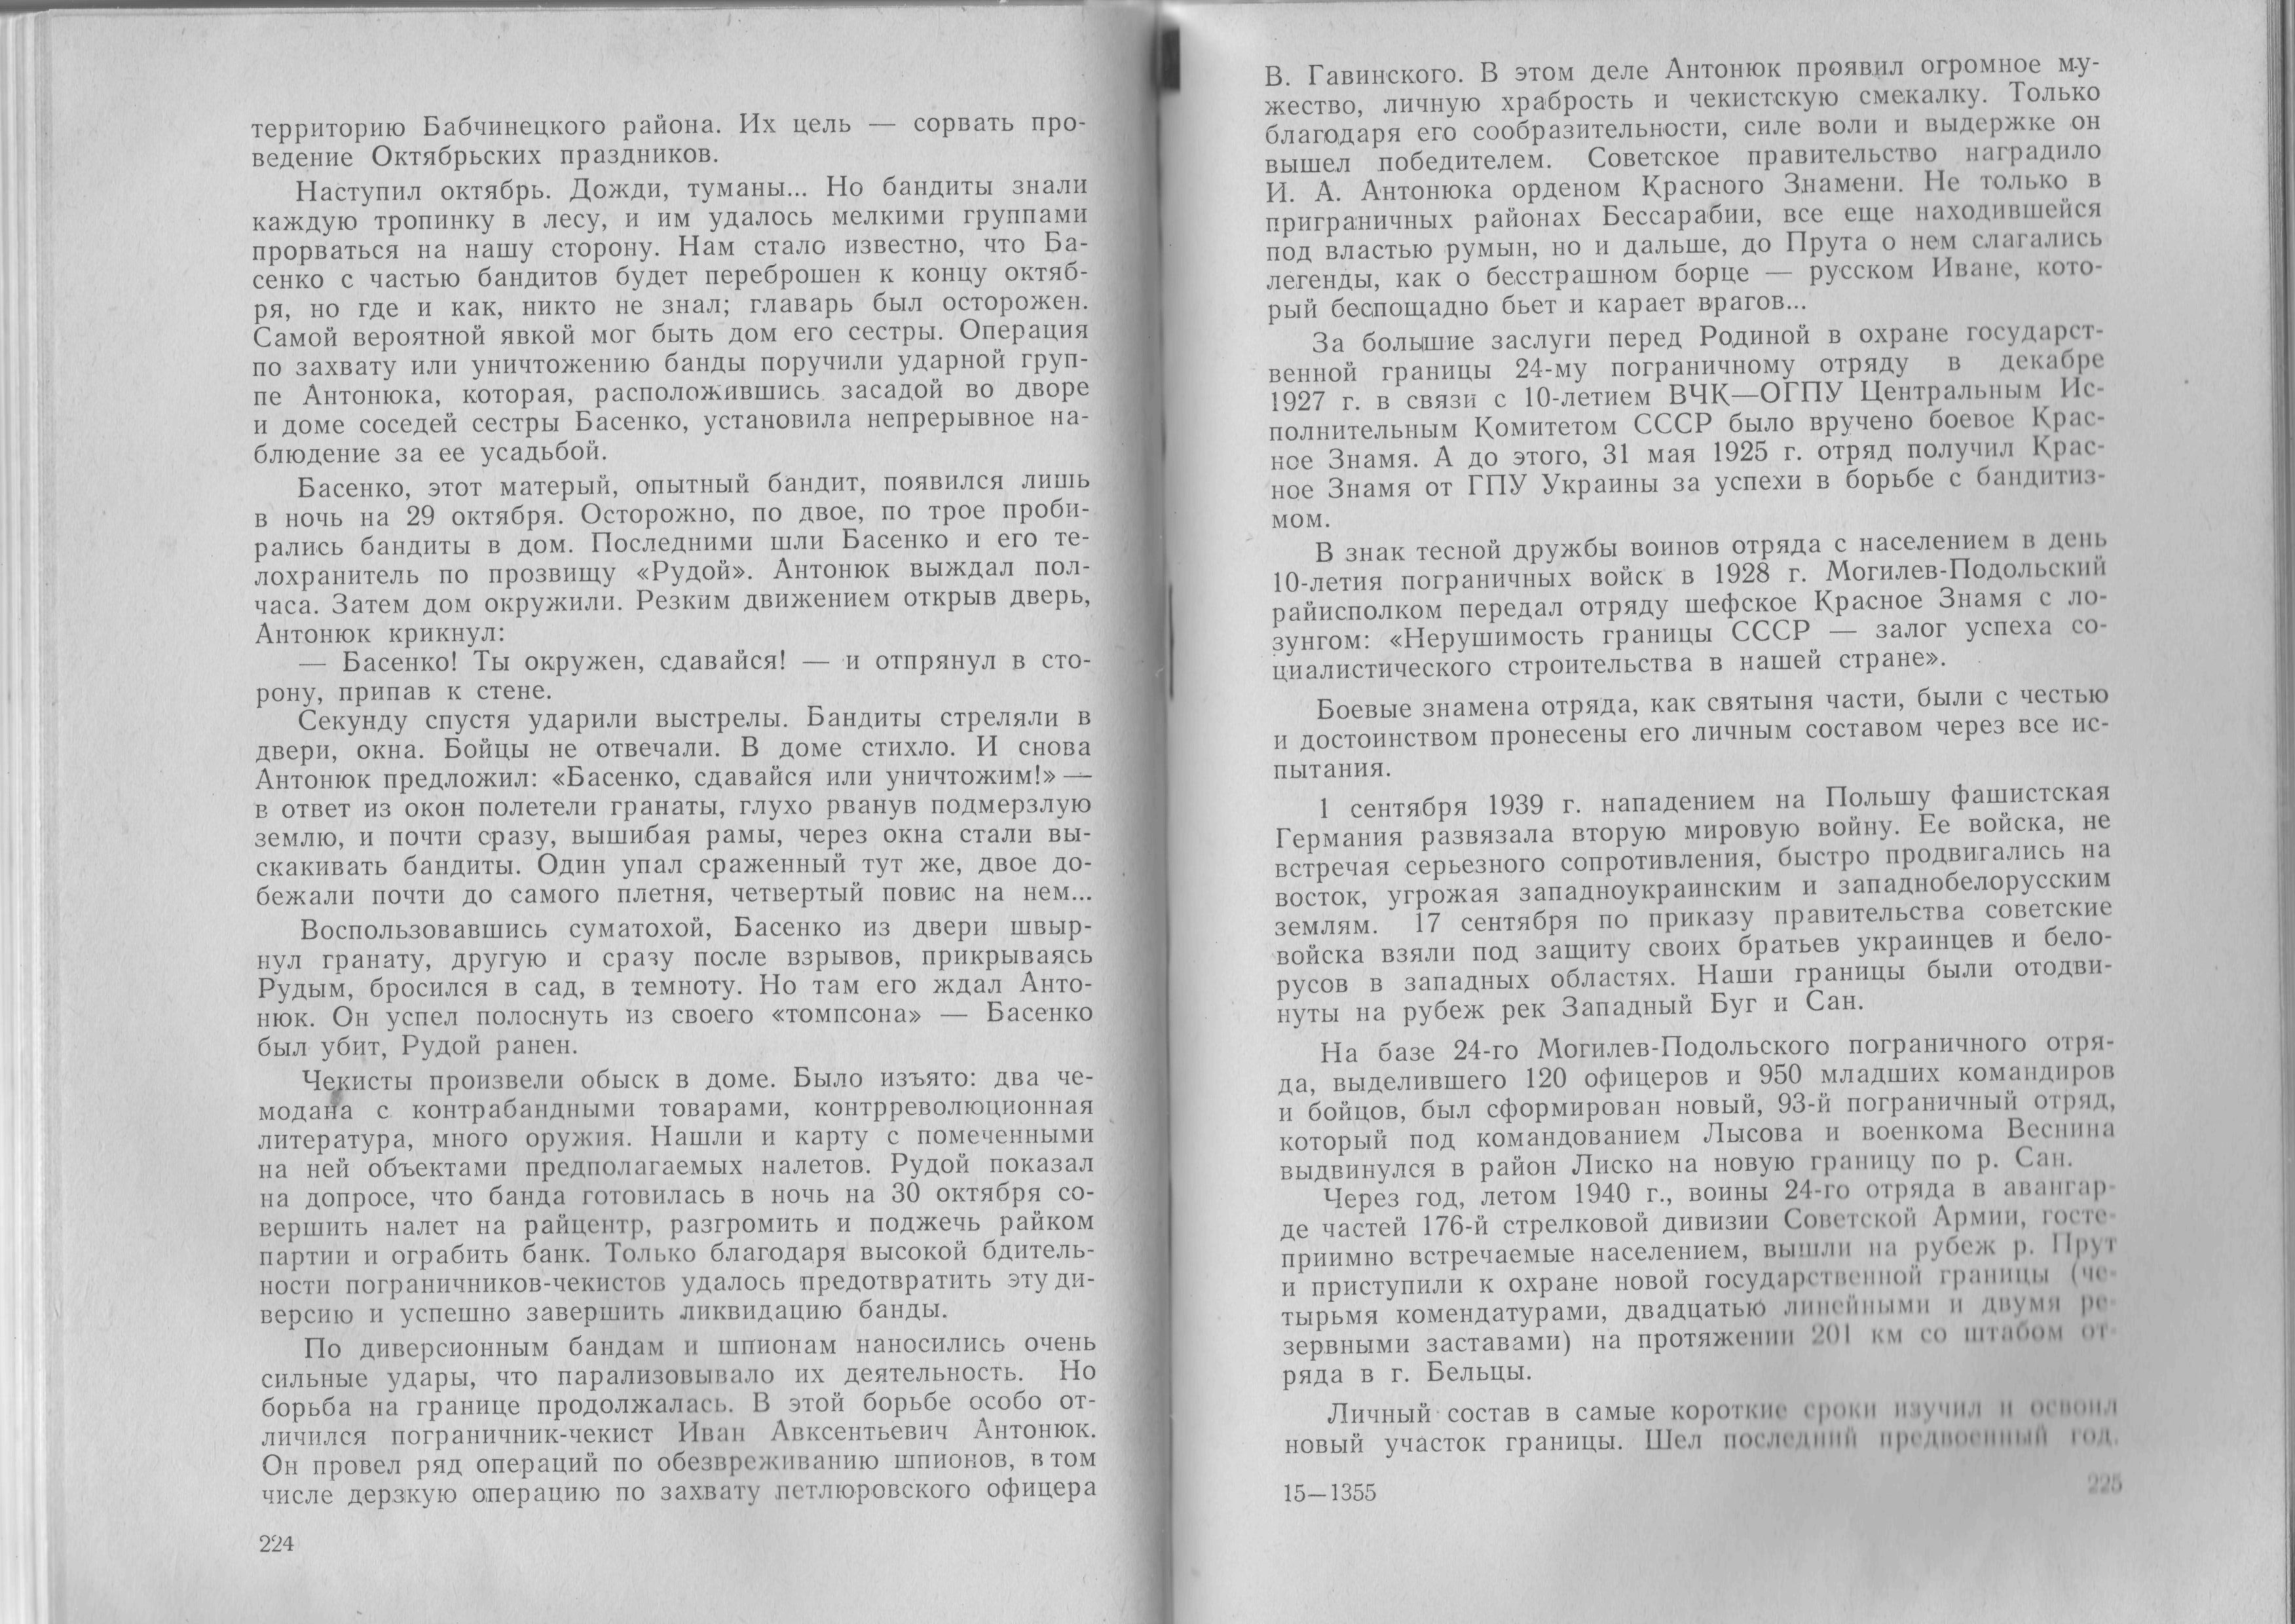 Книга «На страже границ Советского государства» (текст С. Е. Капустина) - Страница 224-225